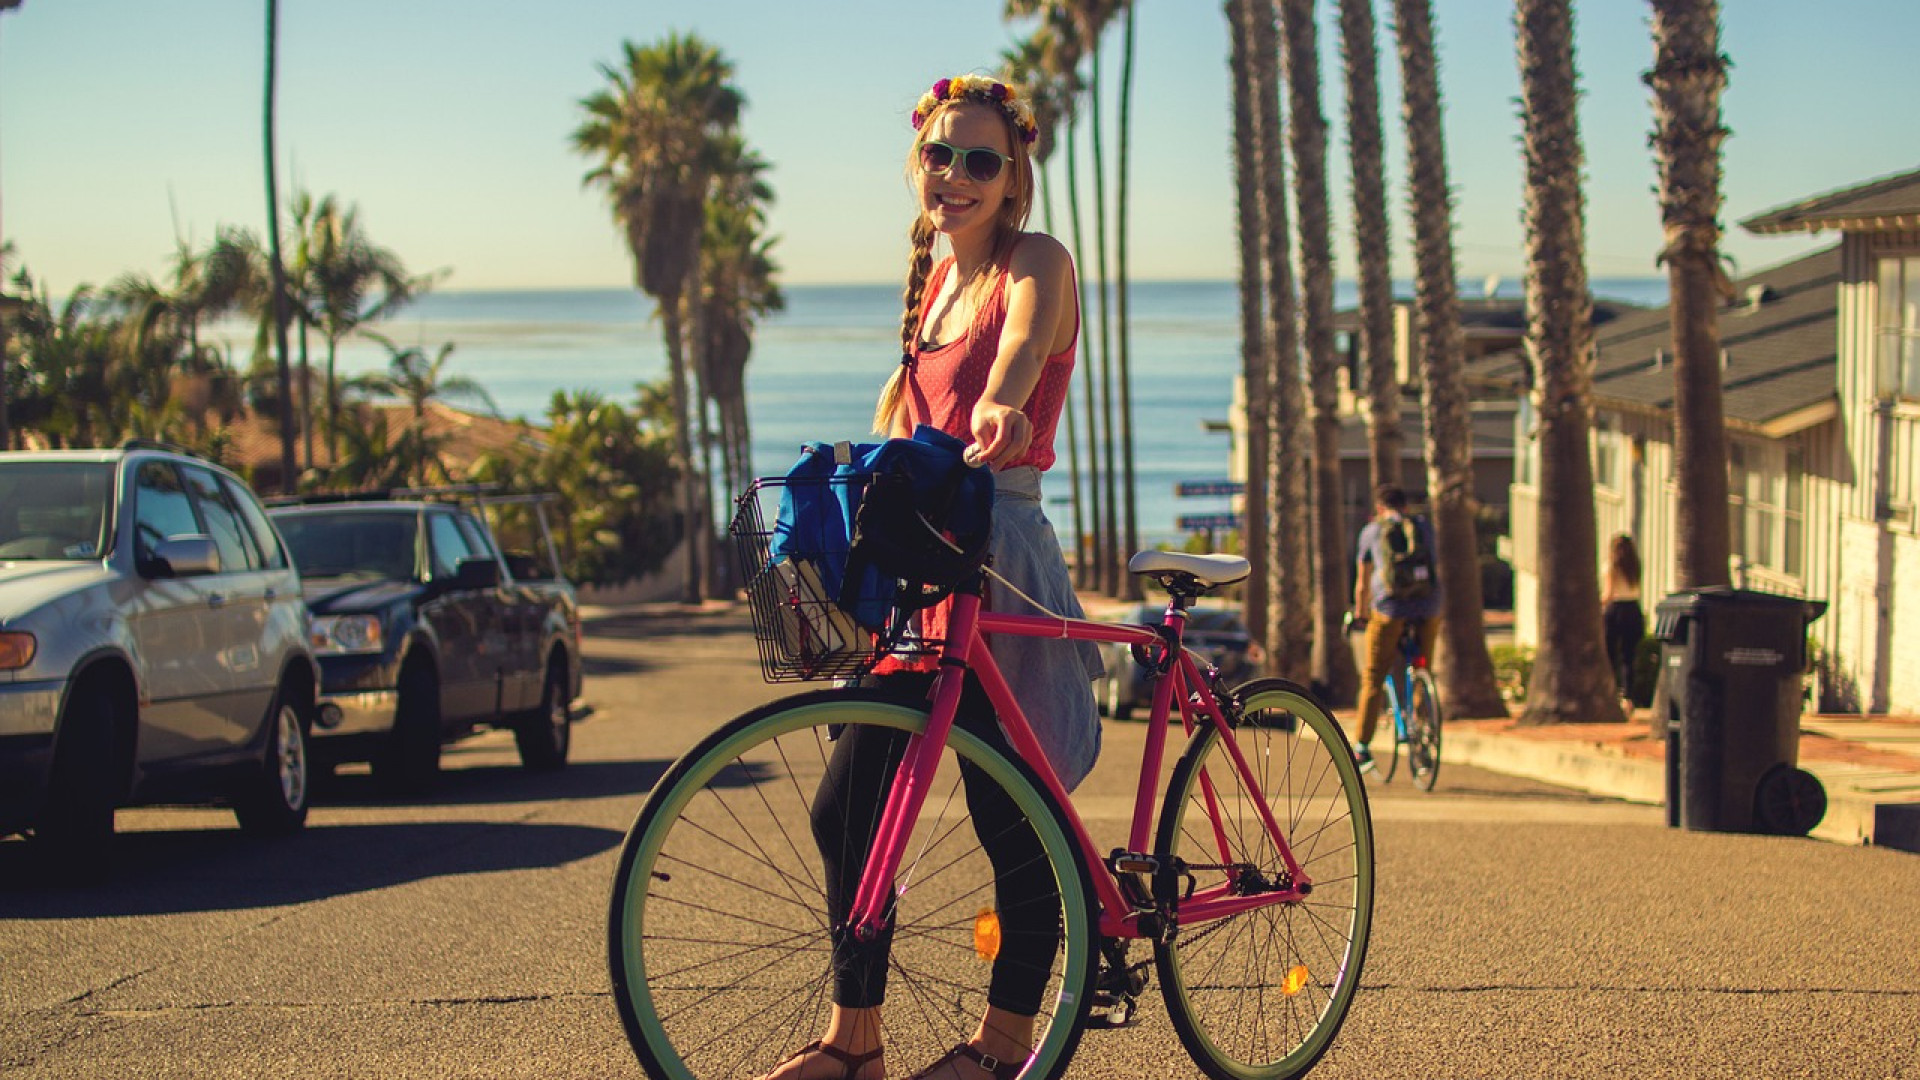 Quels sont les avantages d'un maillot de vélo ?